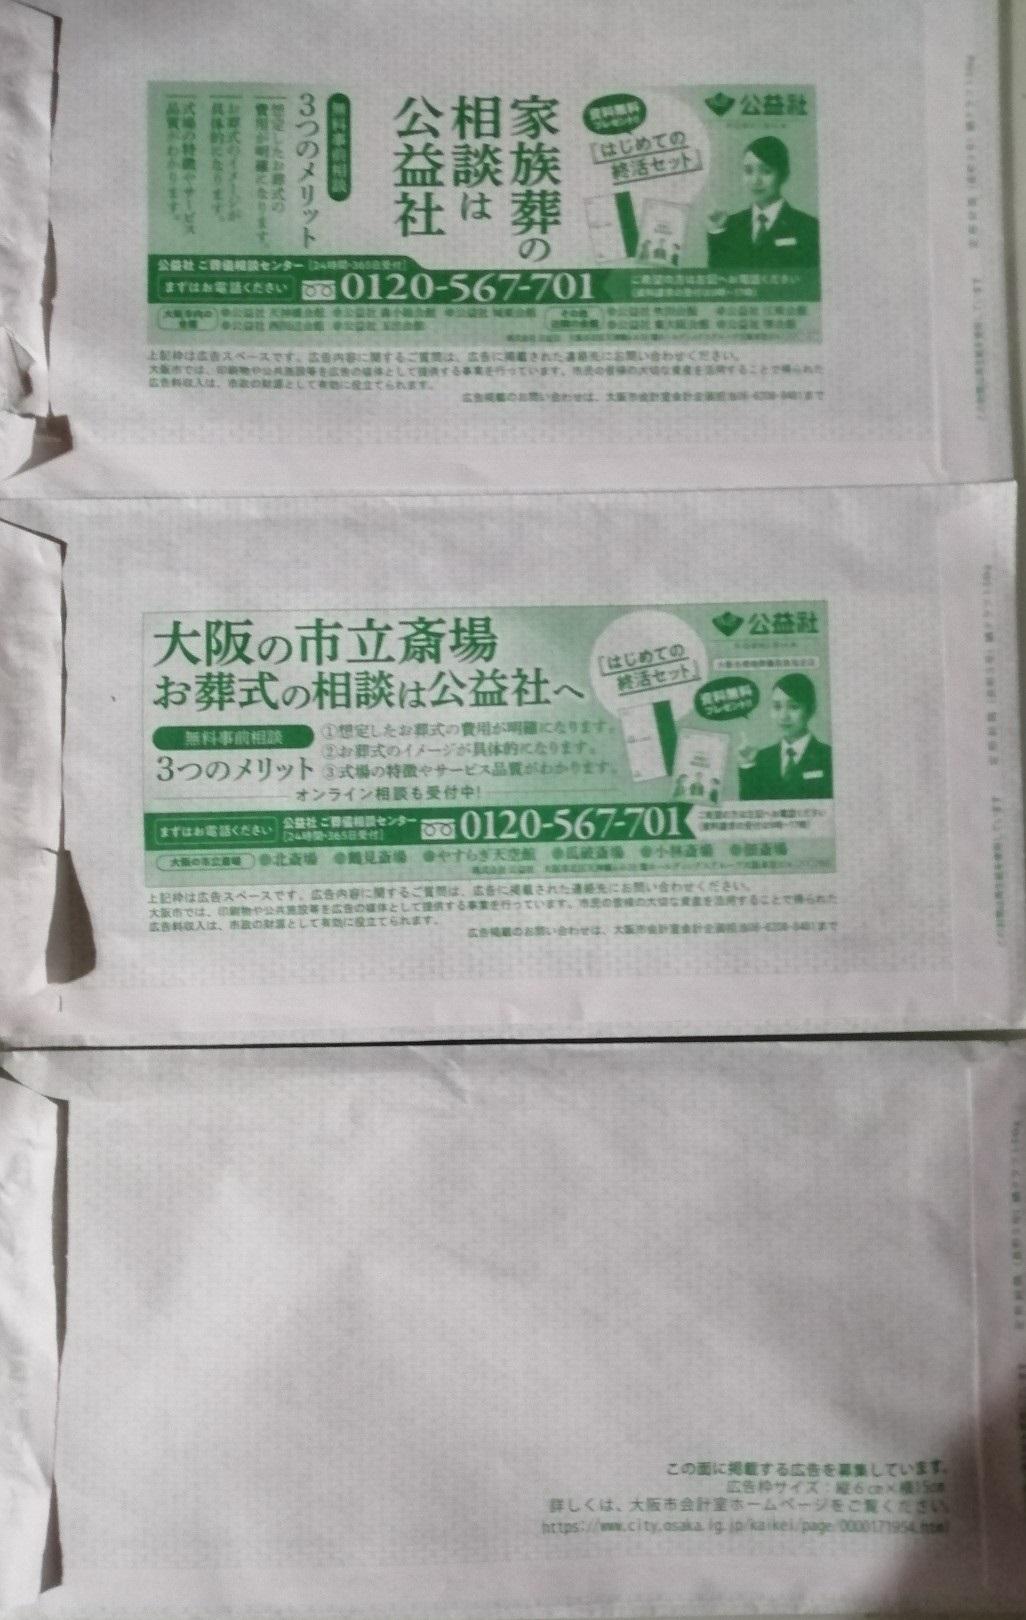 Черный юмор: клиники в Японии случайно устроили злой пранк больным COVID-19